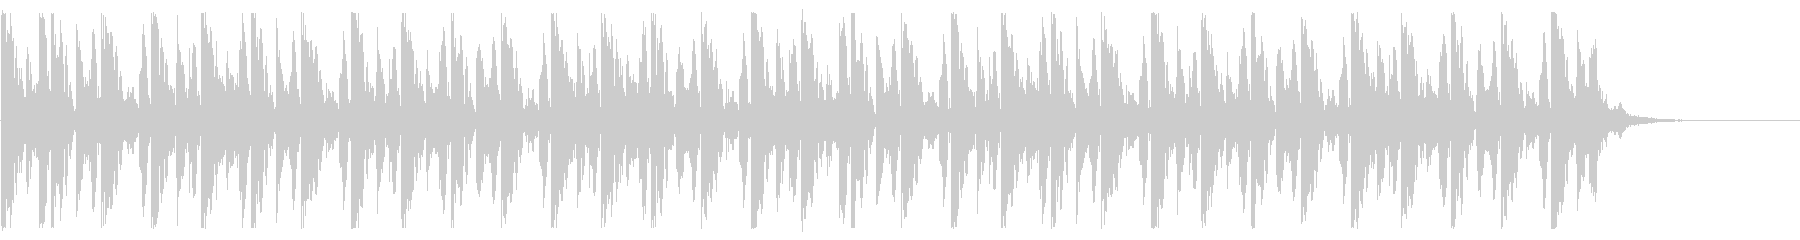 古代遺跡/ジャングル_No664_4の未再生の波形